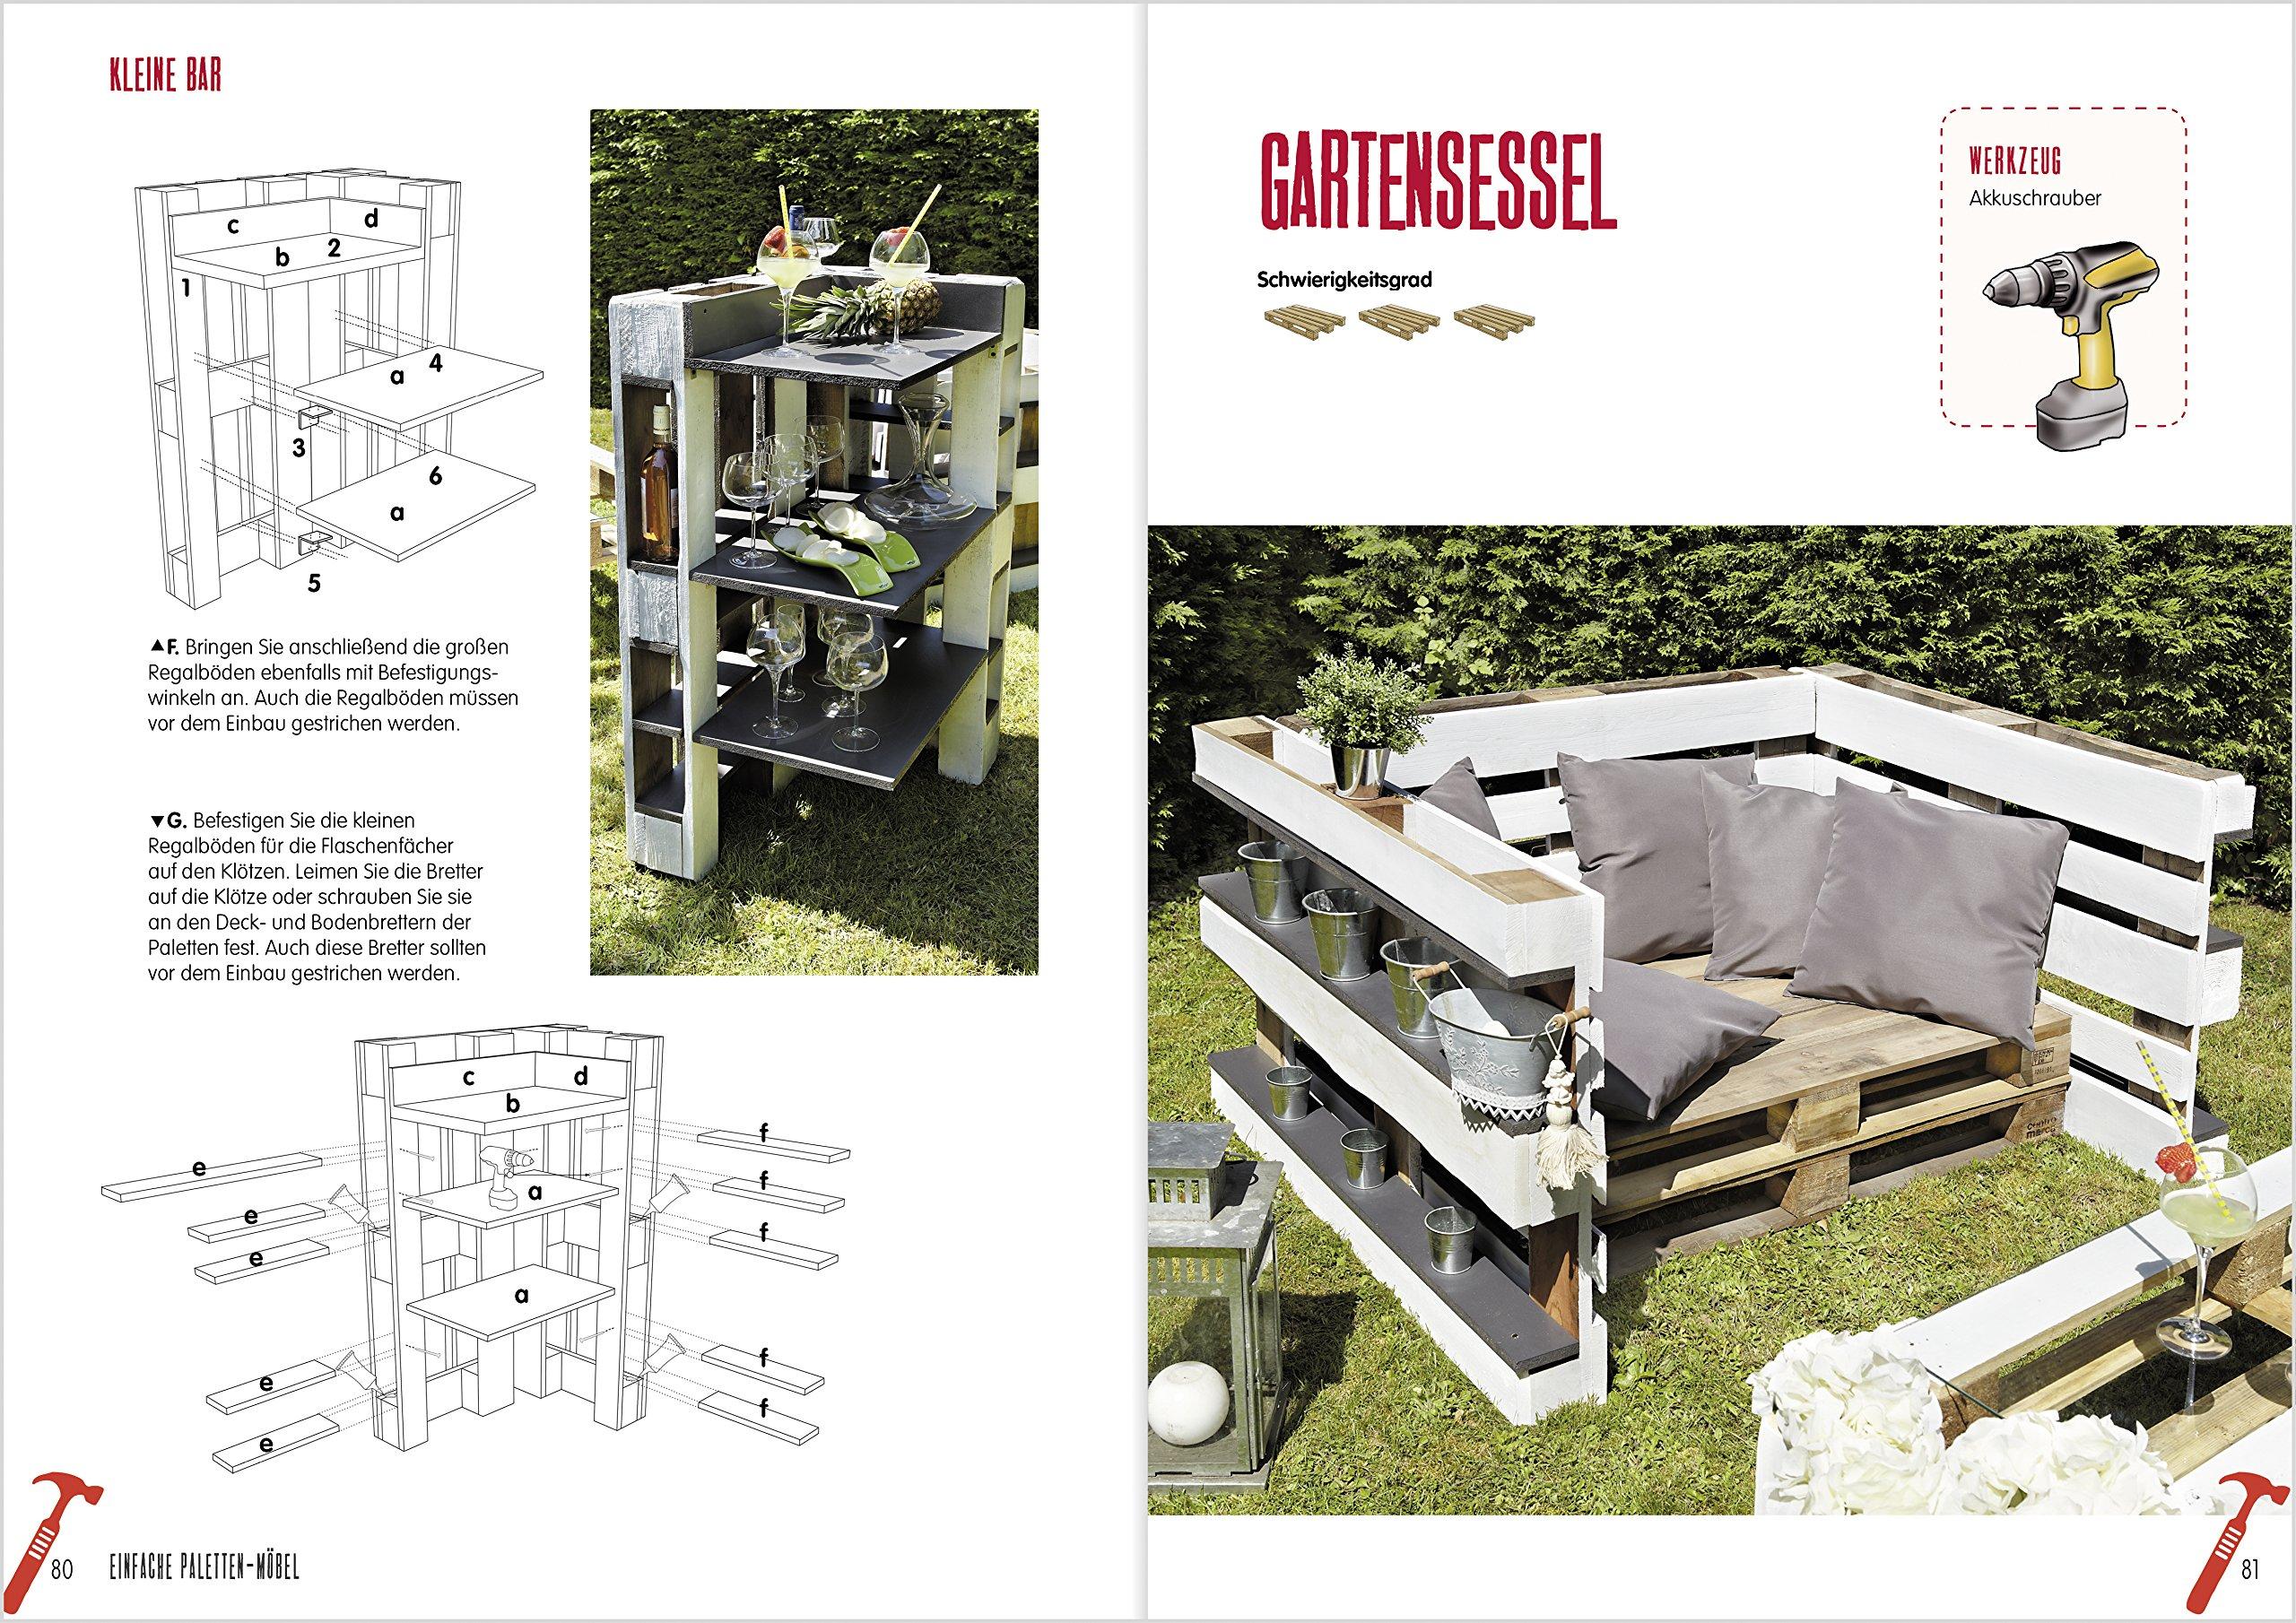 Einfache Paletten-Möbel bauen: 18 Schritt-für-Schritt-Anleitungen ...